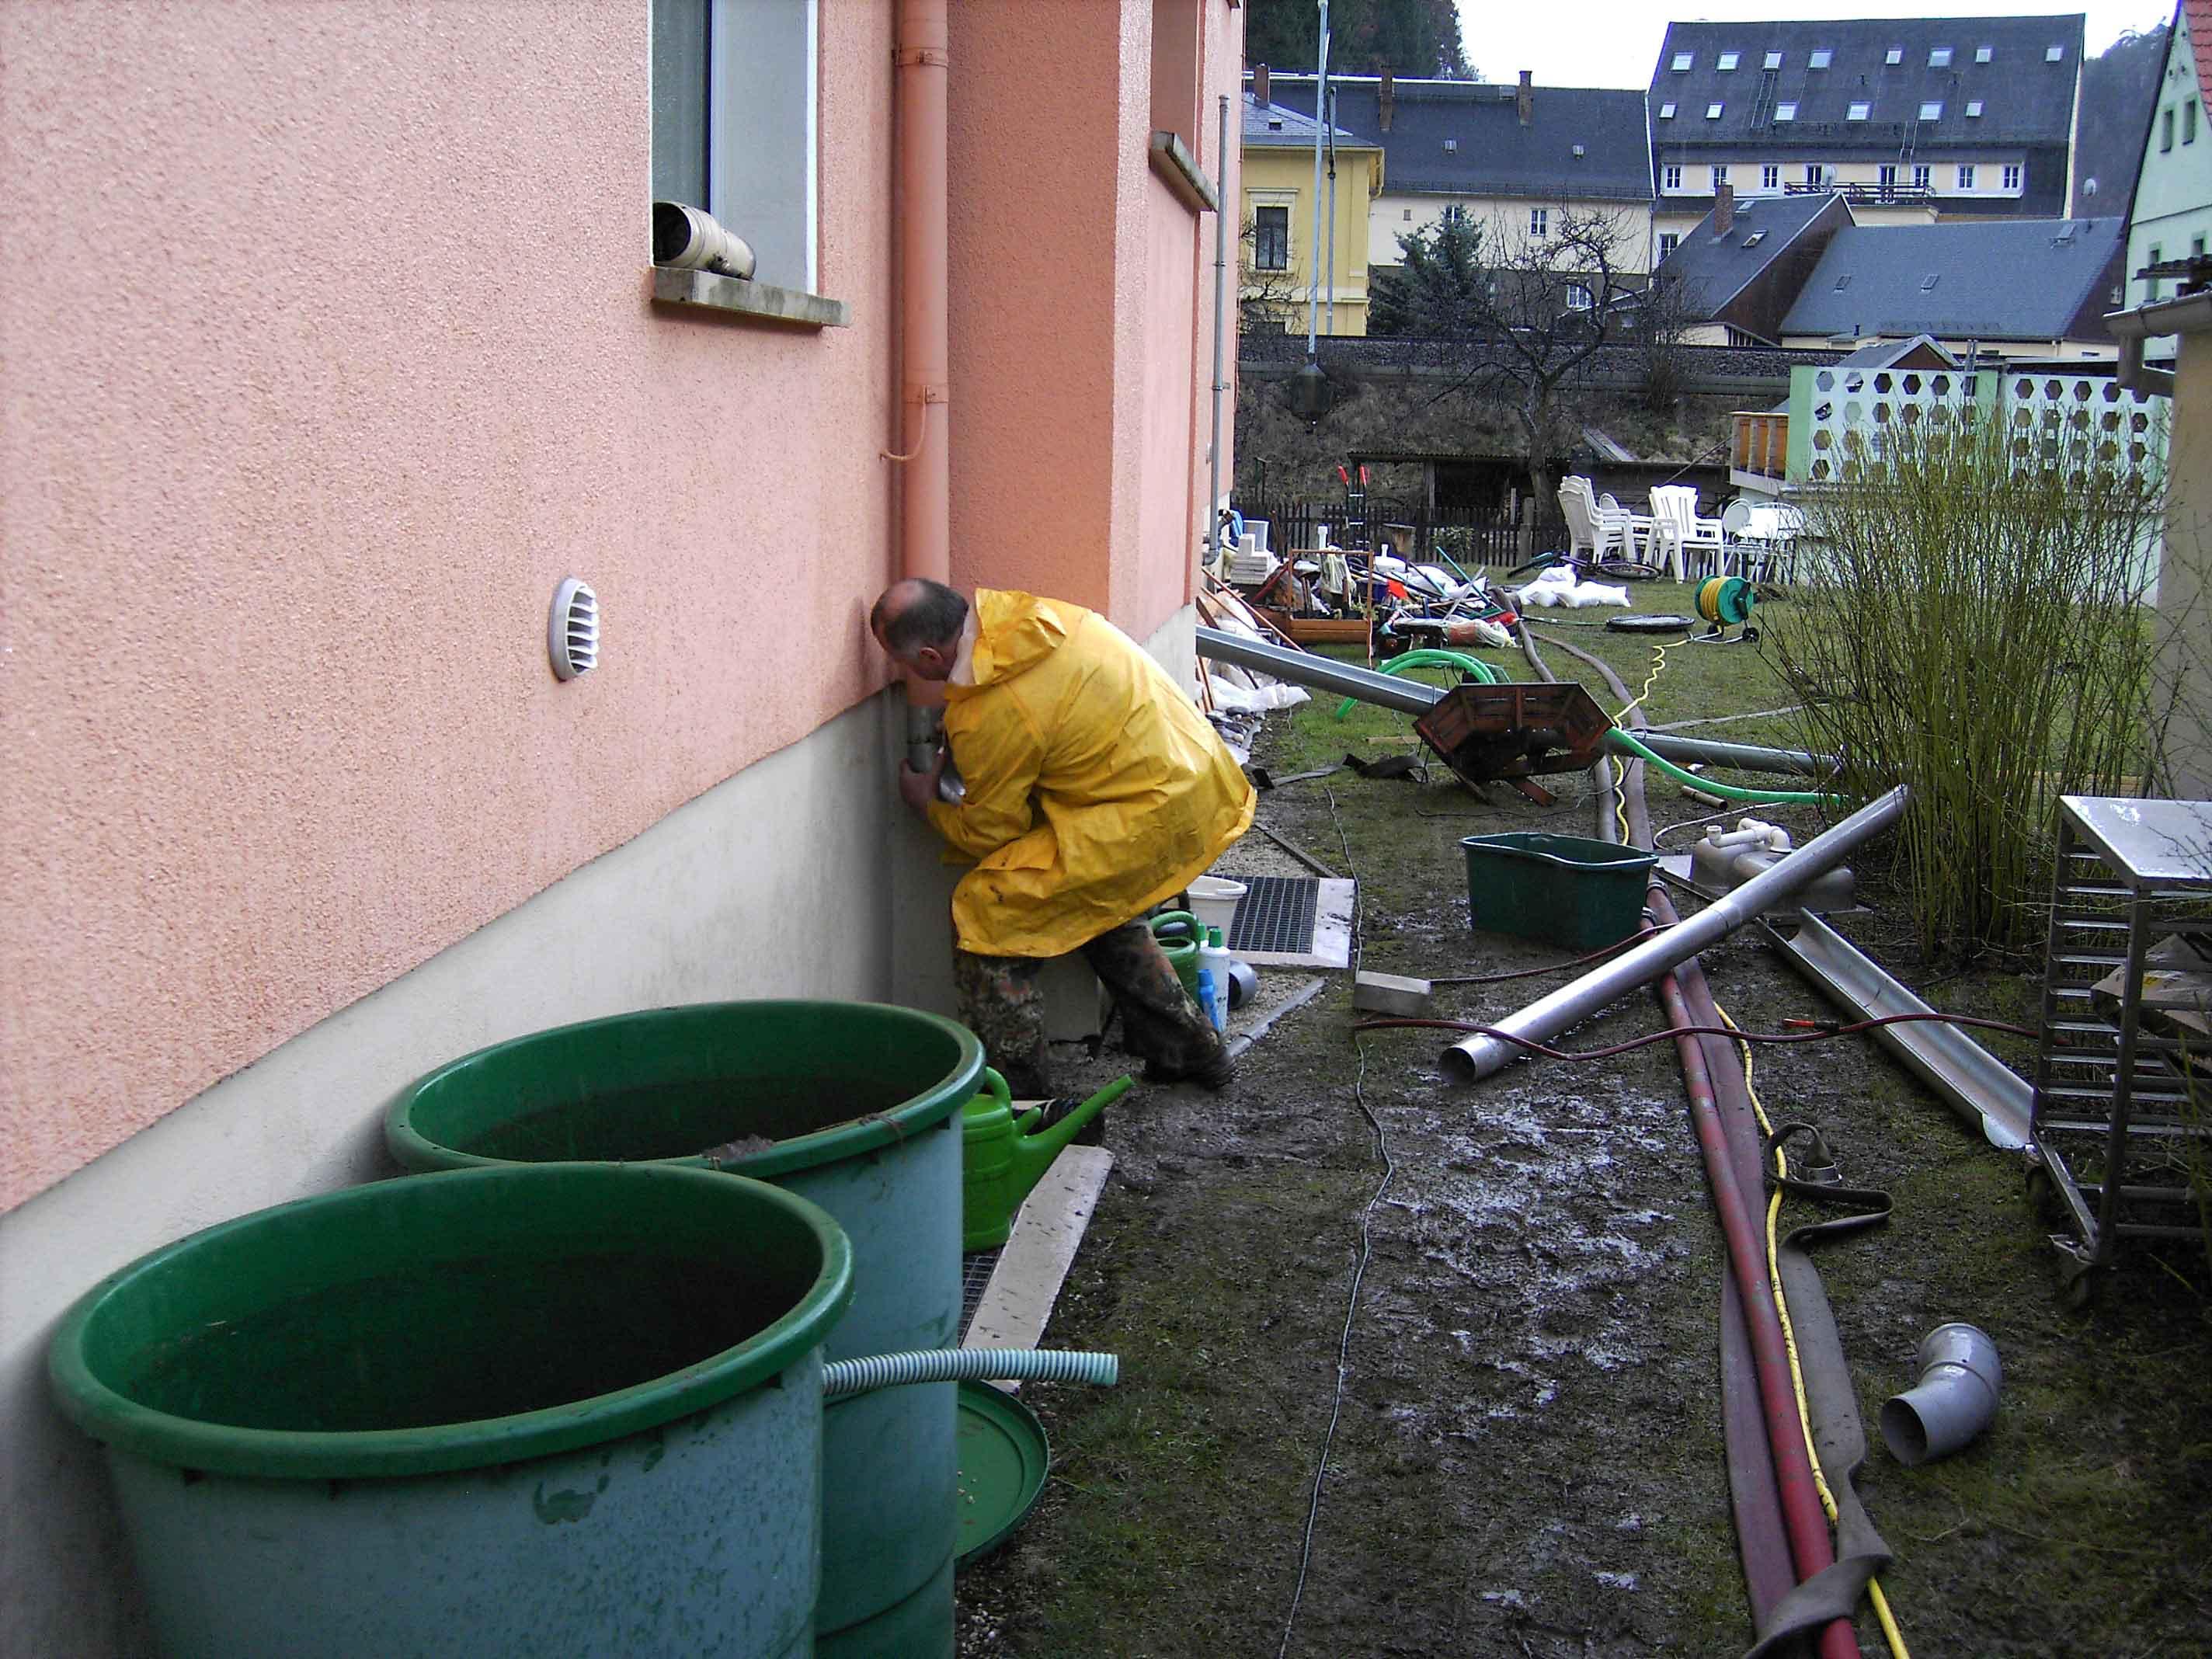 Hochwasser 2006 - Gefahrenabwehr an der Elbaussicht in Krippen